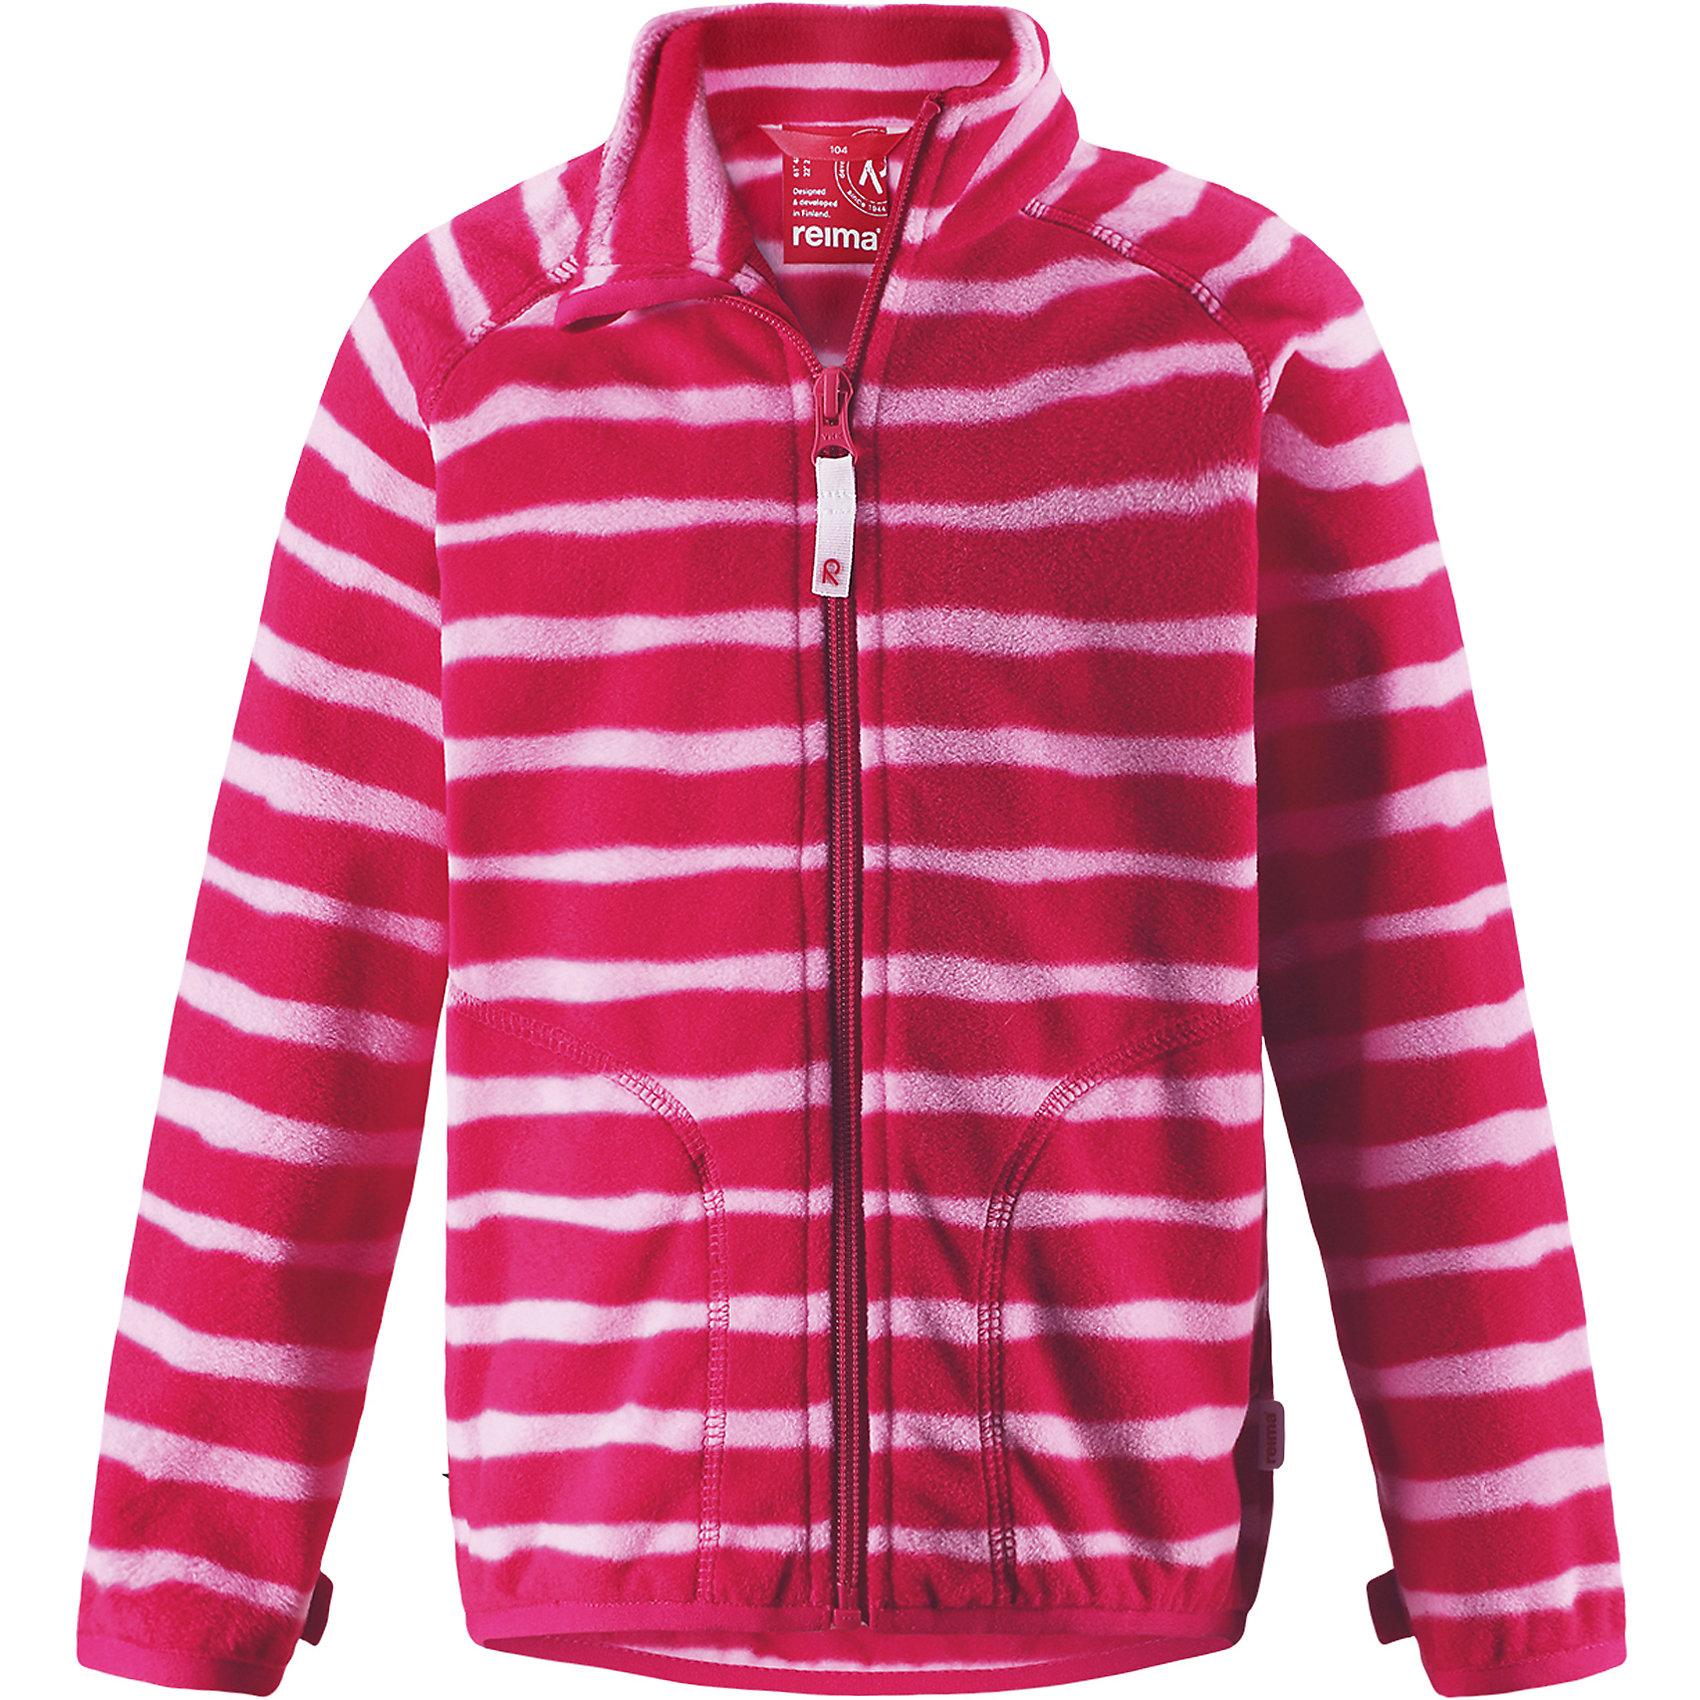 Флисовая кофта Reima SteppeТолстовки<br>Характеристики товара:<br><br>• цвет: розовый;<br>• состав: 100% полиэстер;<br>• сезон: зима;<br>• застежка: молния по всей длине с защитой подбородка;<br>• выводит влагу наружу;<br>• теплый, легкий и быстросохнущий флис;<br>• может пристегиваться к верхней одежде Reima® кнопками Play Layers®;<br>• эластичные манжеты и подол;<br>• два боковых кармана;<br>• страна бренда: Финляндия;<br>• страна изготовитель: Китай.<br><br>Супер удобная детская флисовая куртка превосходно послужит в качестве промежуточного слоя в морозные зимние дни – она теплая и очень мягкая на ощупь. Эта куртка изготовлена из легкого полярного флиса, дышащего и быстросохнущего материала. <br><br>Молния во всю длину облегчает надевание, а защита для подбородка не дает поцарапать молнией шею и подбородок. Практичную флисовую куртку легко можно пристегнуть к любой верхней одежде Reima®, оснащенной системой кнопок Play Layers®. Два боковых кармана и украшение в виде яркого рисунка.<br><br>Флисовая кофта Reima Steppe от финского бренда Reima (Рейма) можно купить в нашем интернет-магазине.<br><br>Ширина мм: 190<br>Глубина мм: 74<br>Высота мм: 229<br>Вес г: 236<br>Цвет: розовый<br>Возраст от месяцев: 108<br>Возраст до месяцев: 120<br>Пол: Унисекс<br>Возраст: Детский<br>Размер: 140,134,92,98,104,110,116,122,128<br>SKU: 6901959